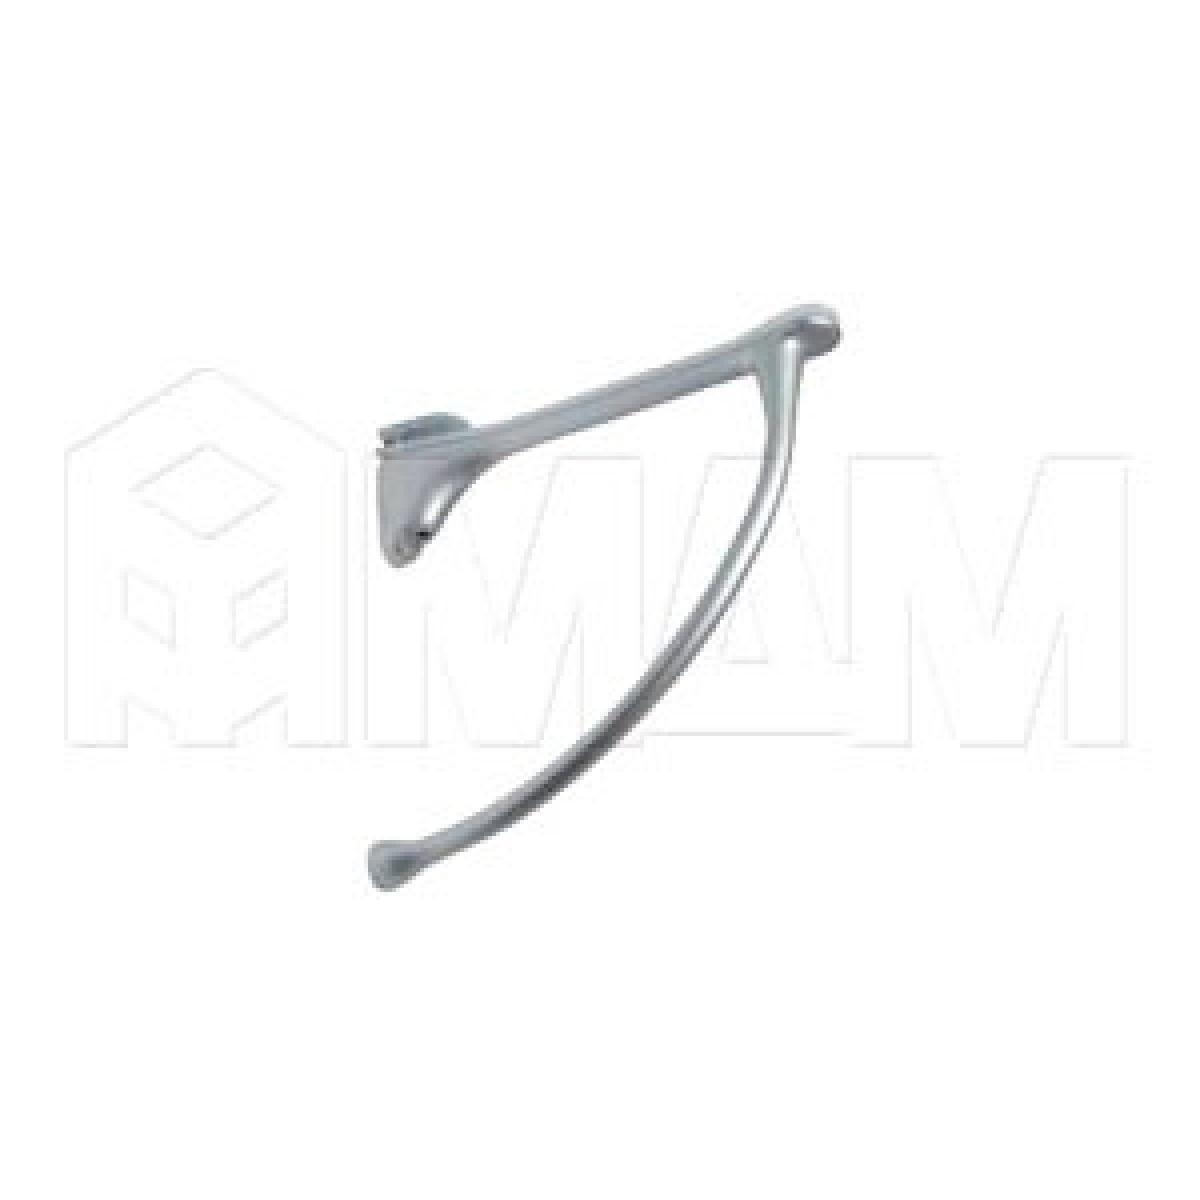 Менсолодержатель для деревянных и стеклянных полок 6 - 20 мм, L-149 мм, хром матовый (2 шт.)